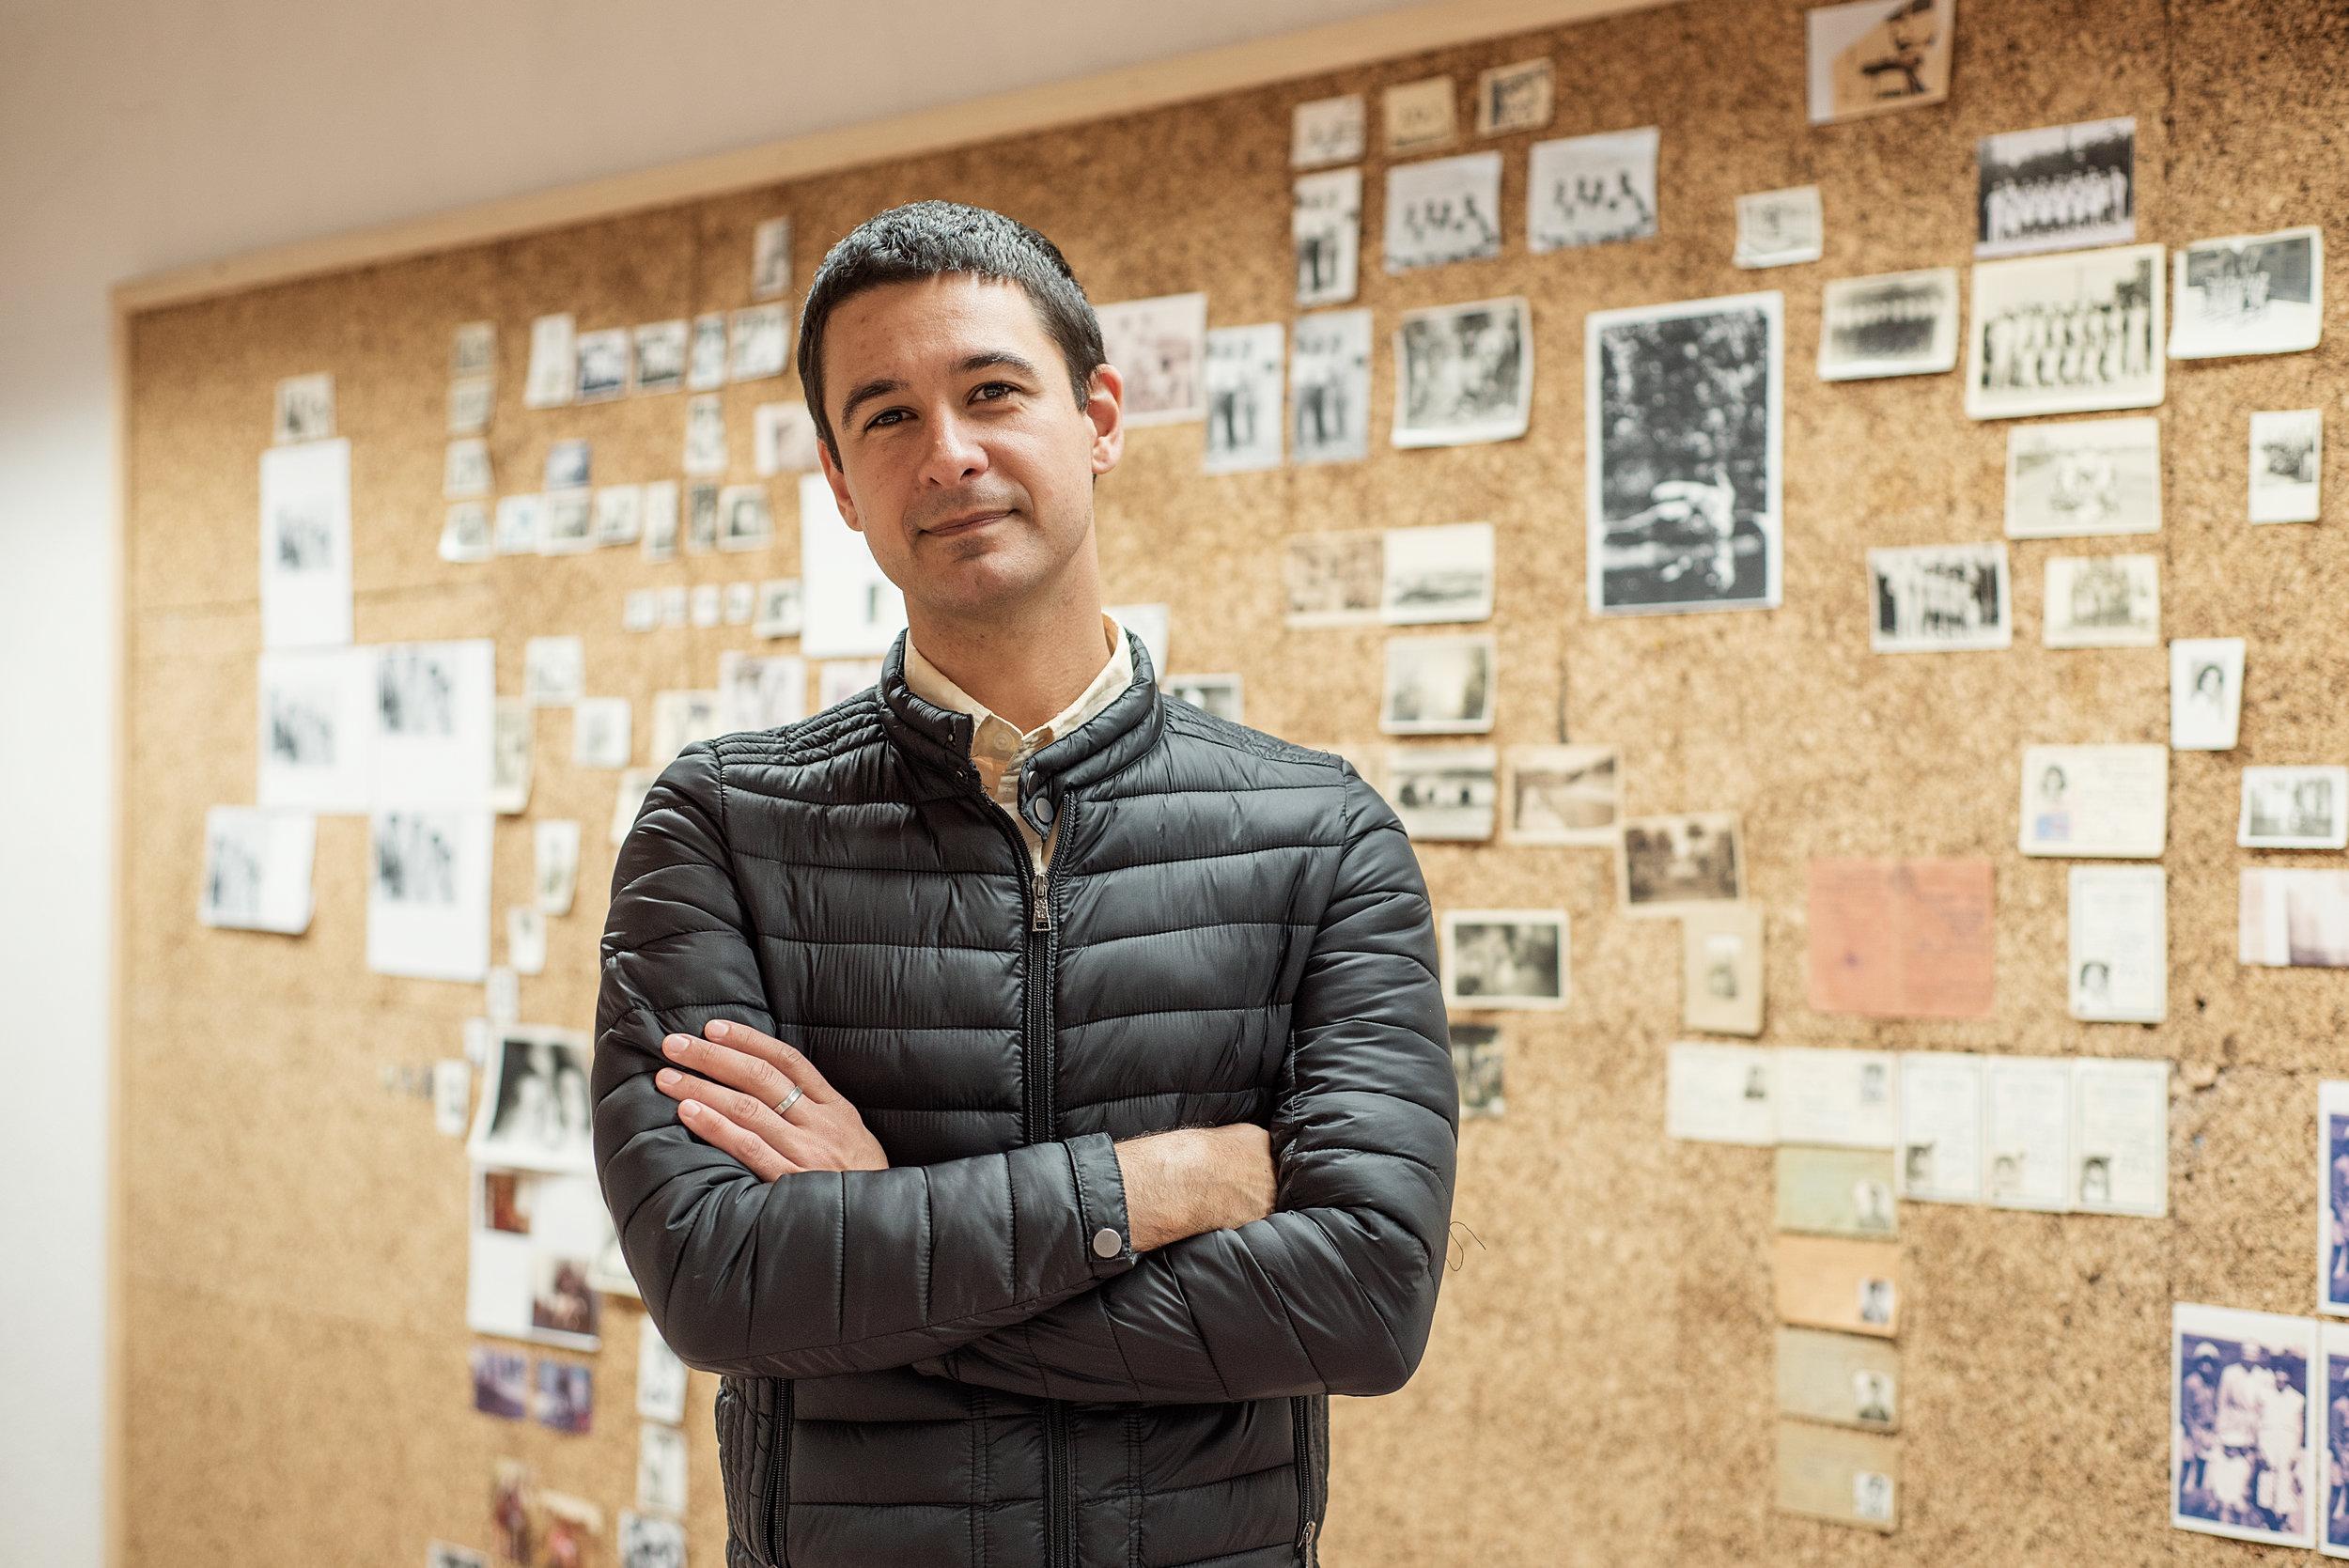 Jonah Bokaer Prize in Visual Arts @ Civitella Ranieri Foundation. Photo: Giorgia Fanelli